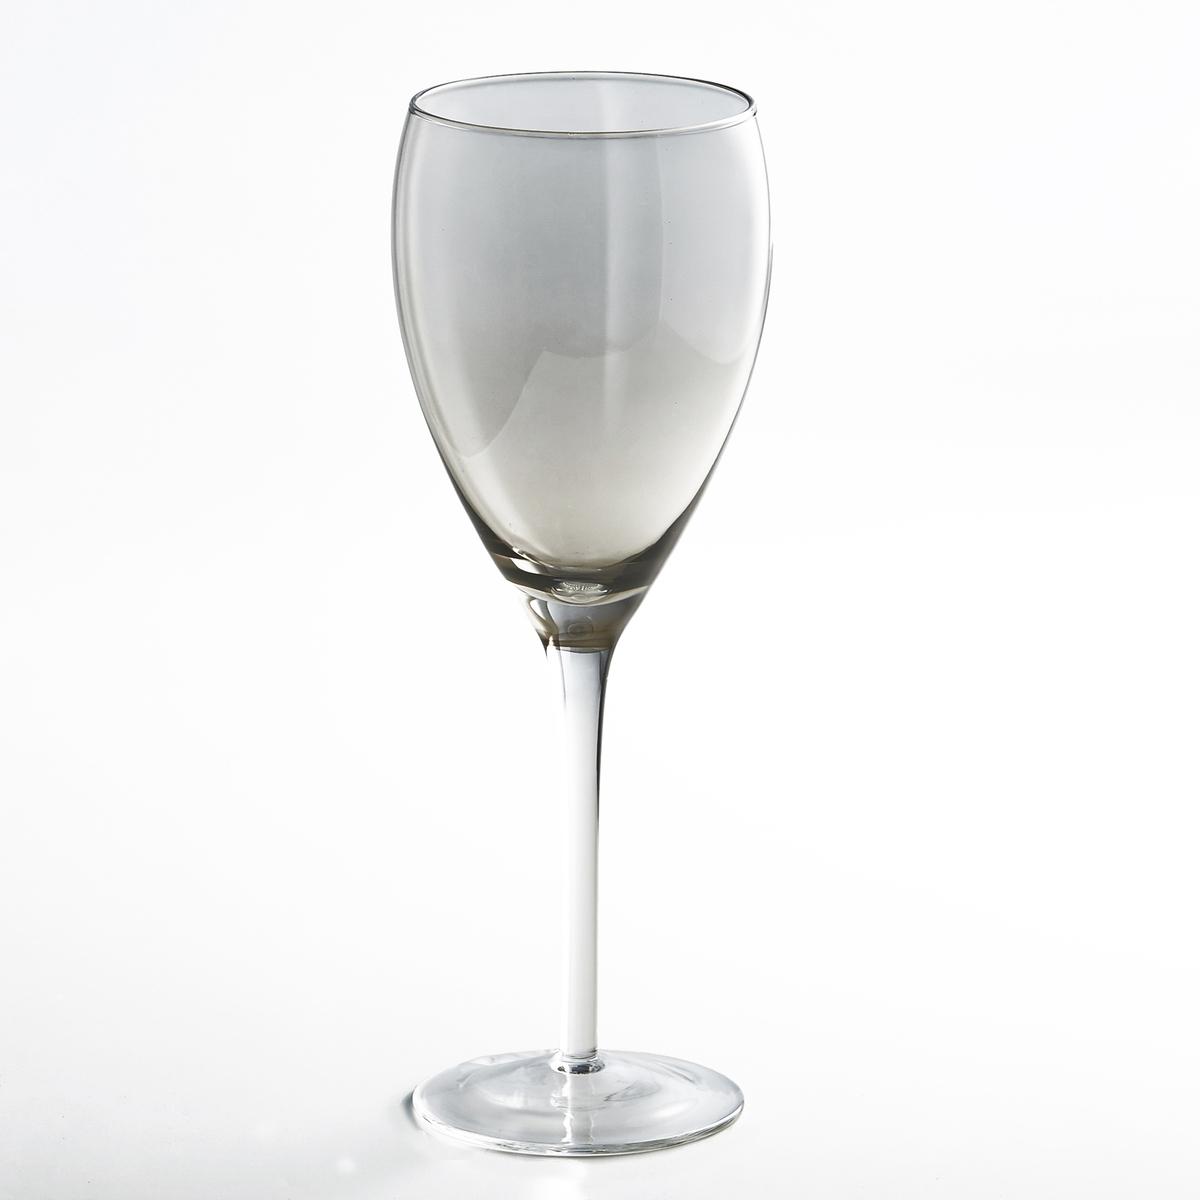 Фото - Комплект из 4 бокалов, KOUTINE La Redoute La Redoute единый размер серый комплект из 4 бокалов для воды с пузырьками на дне galio